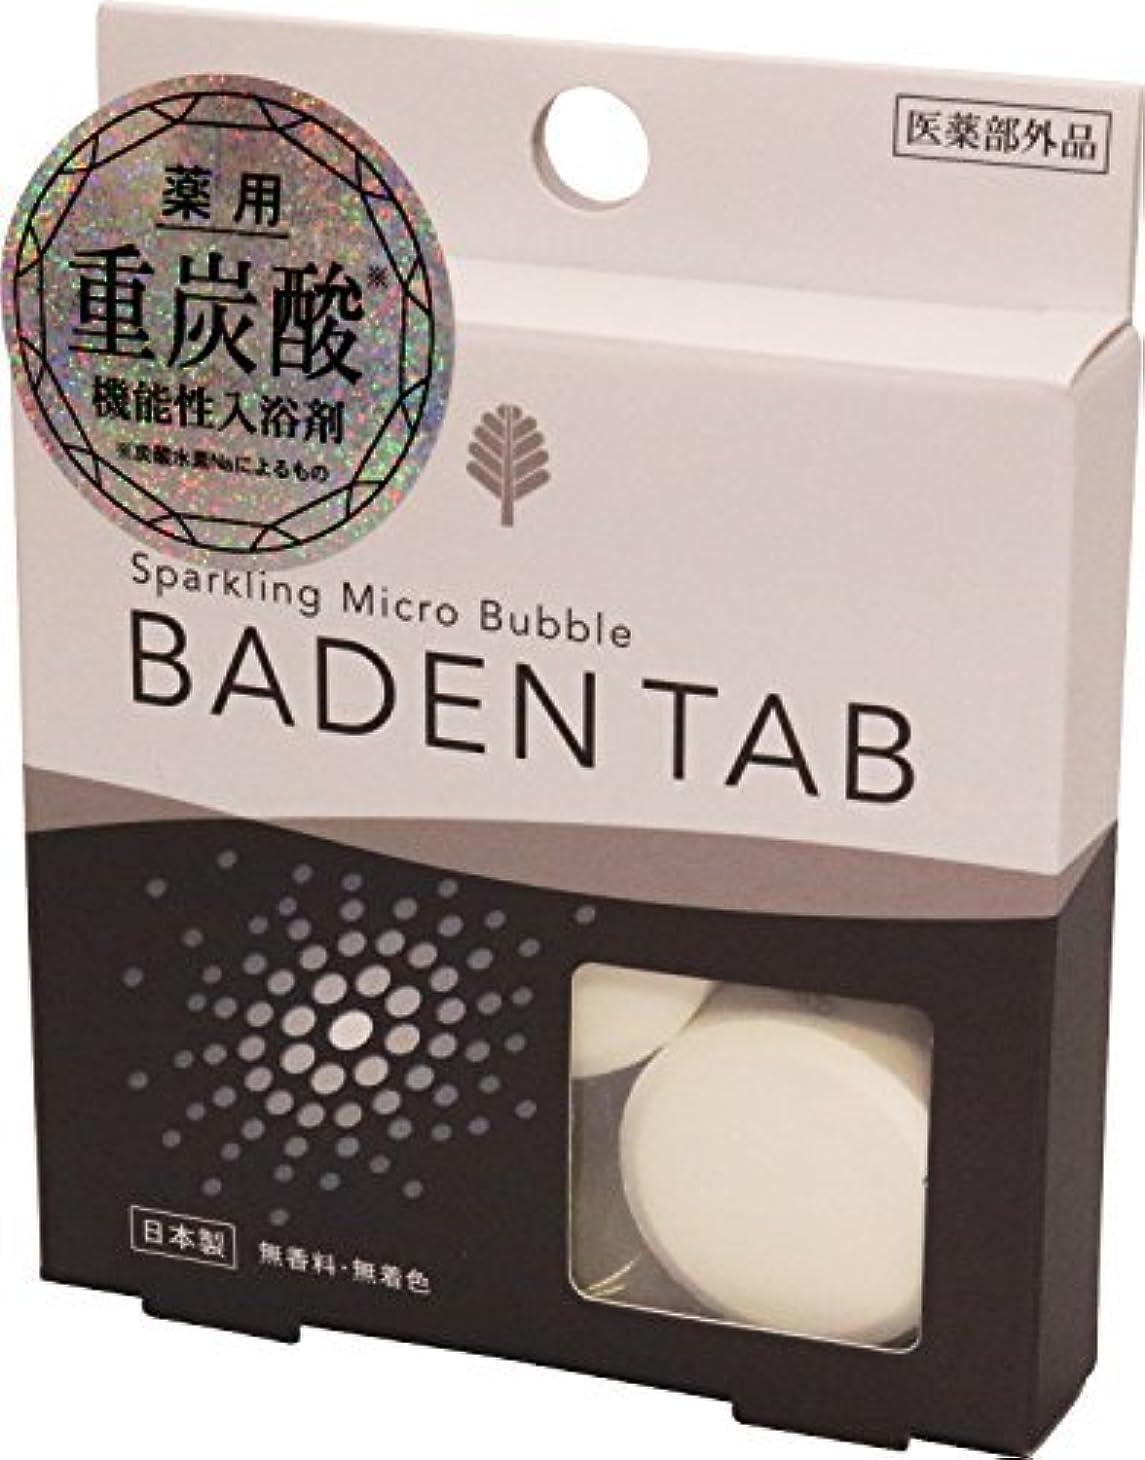 例示する失う発表する日本製 made in japan 薬用BadenTab5錠1パック15gx5錠入 BT-8755 【まとめ買い12個セット】